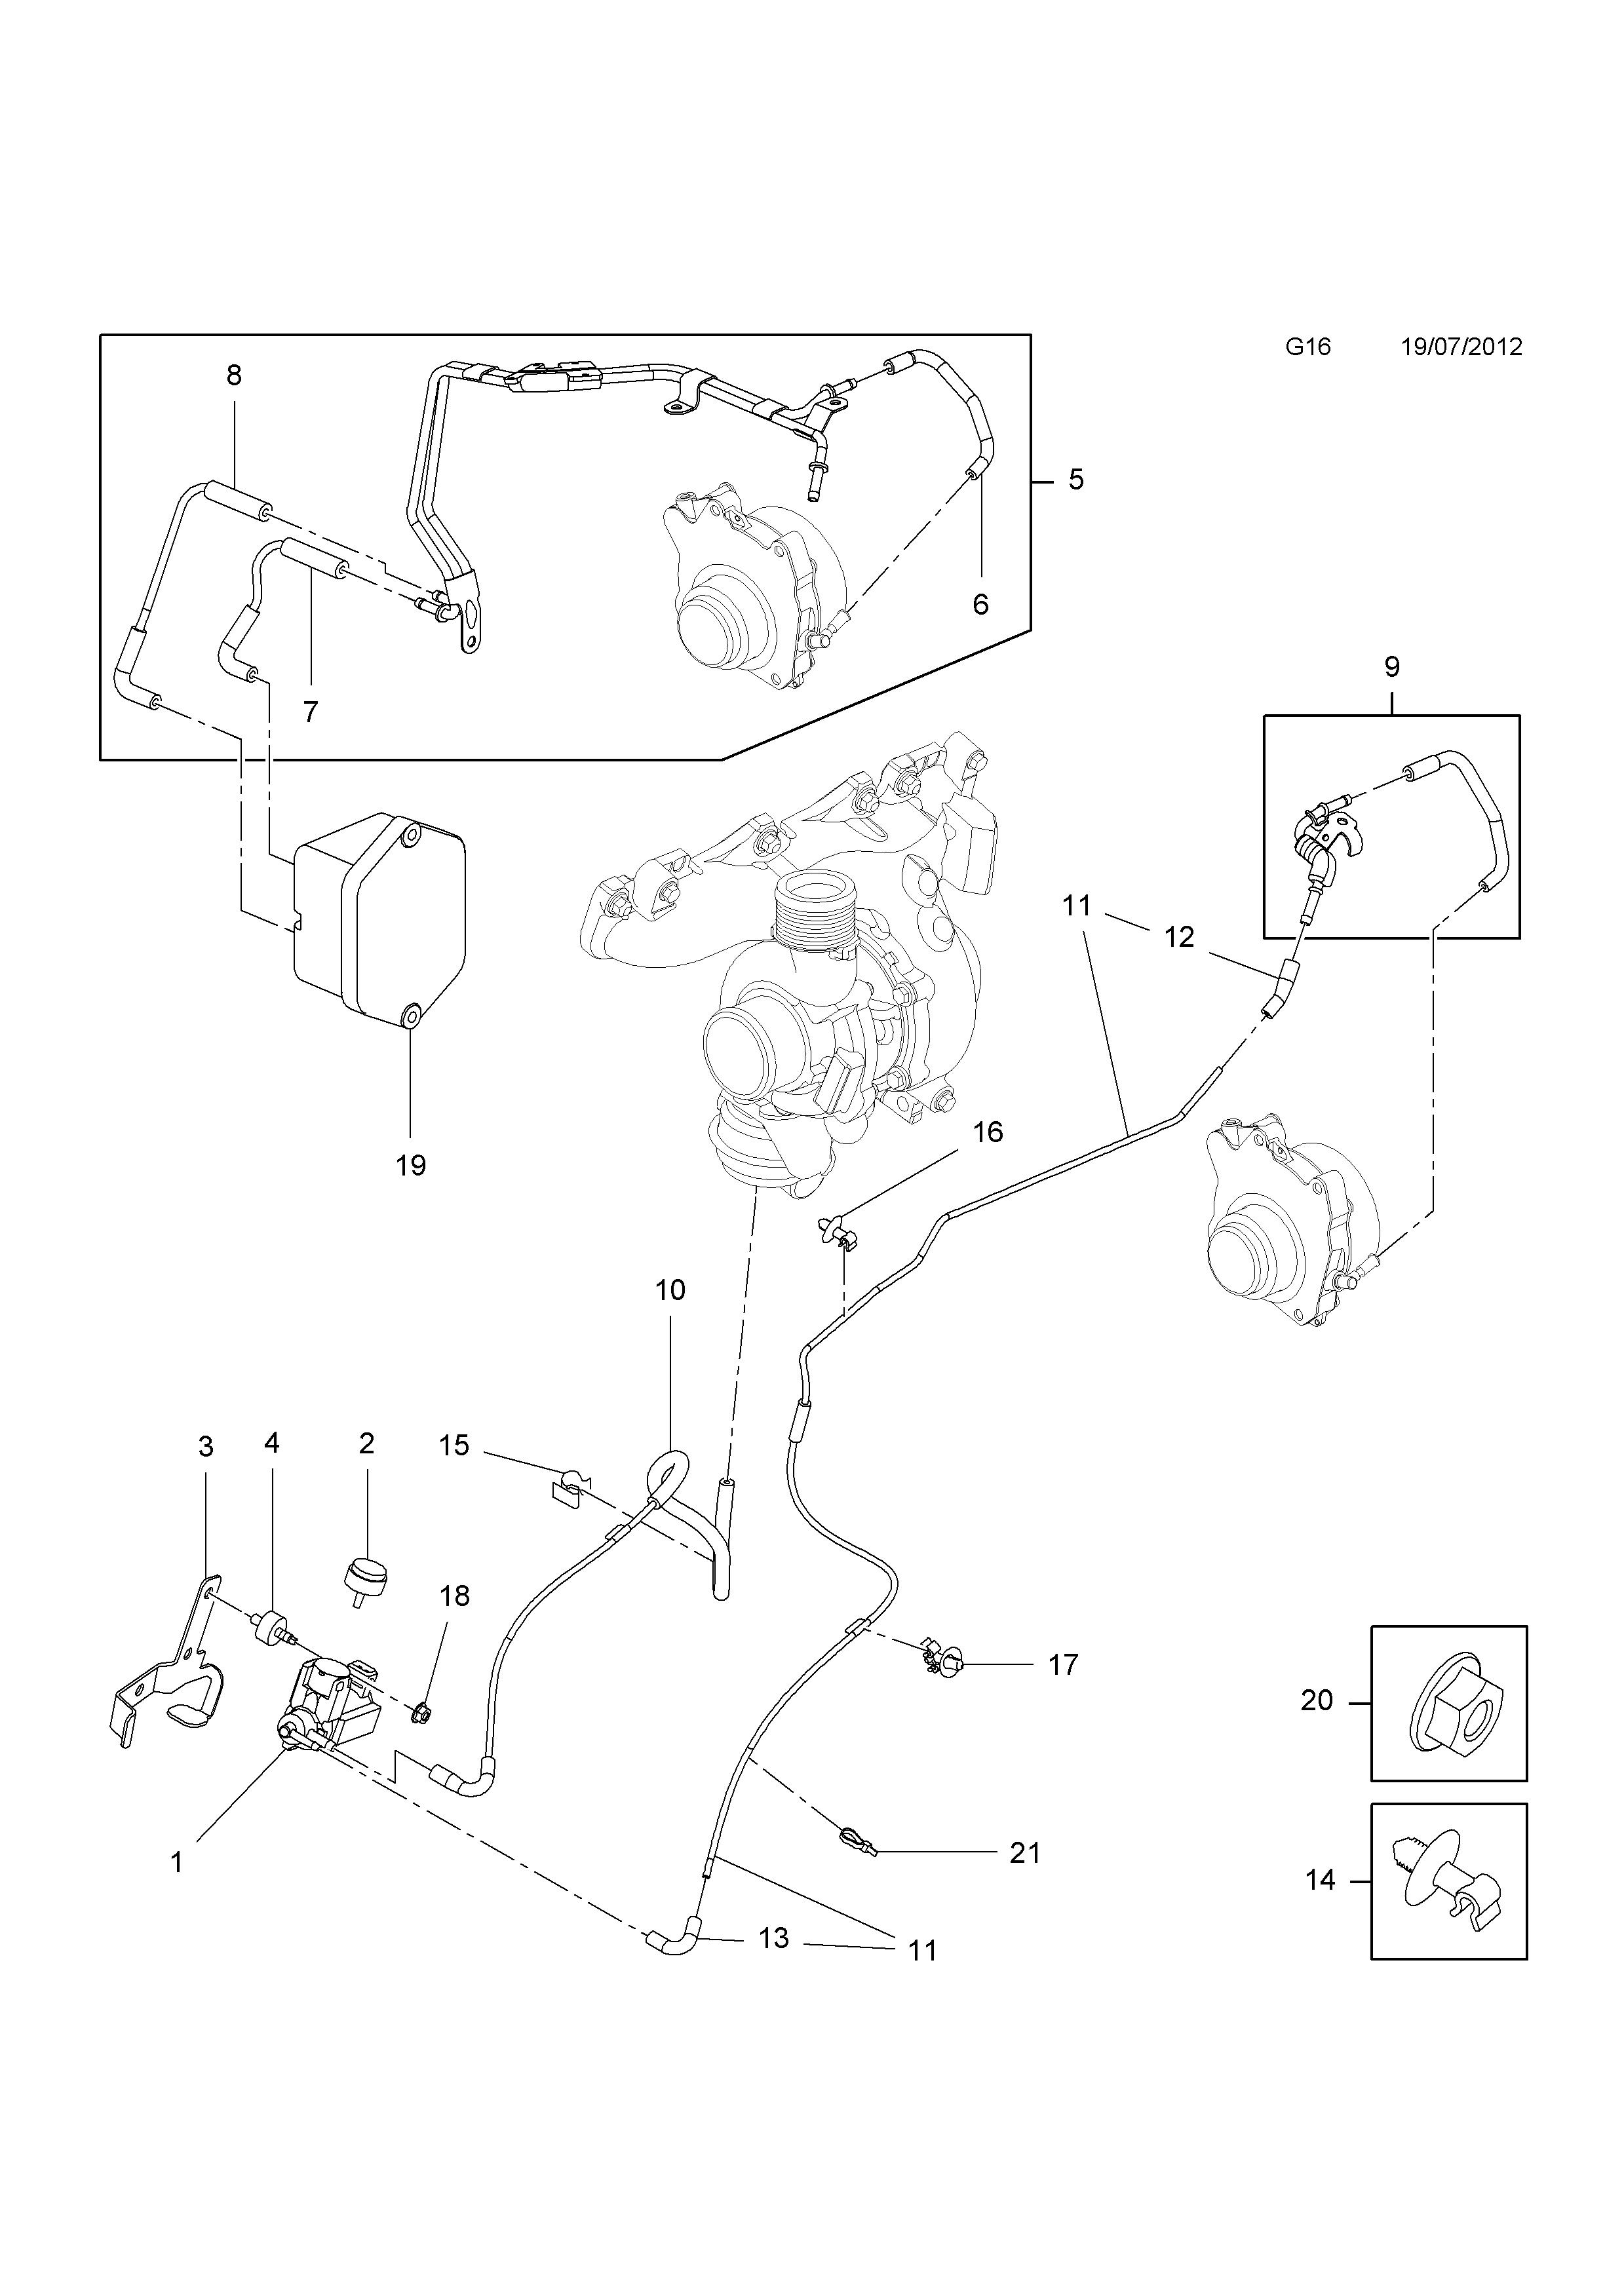 Opel Vacuum Diagram - Wiring Diagram Liry on